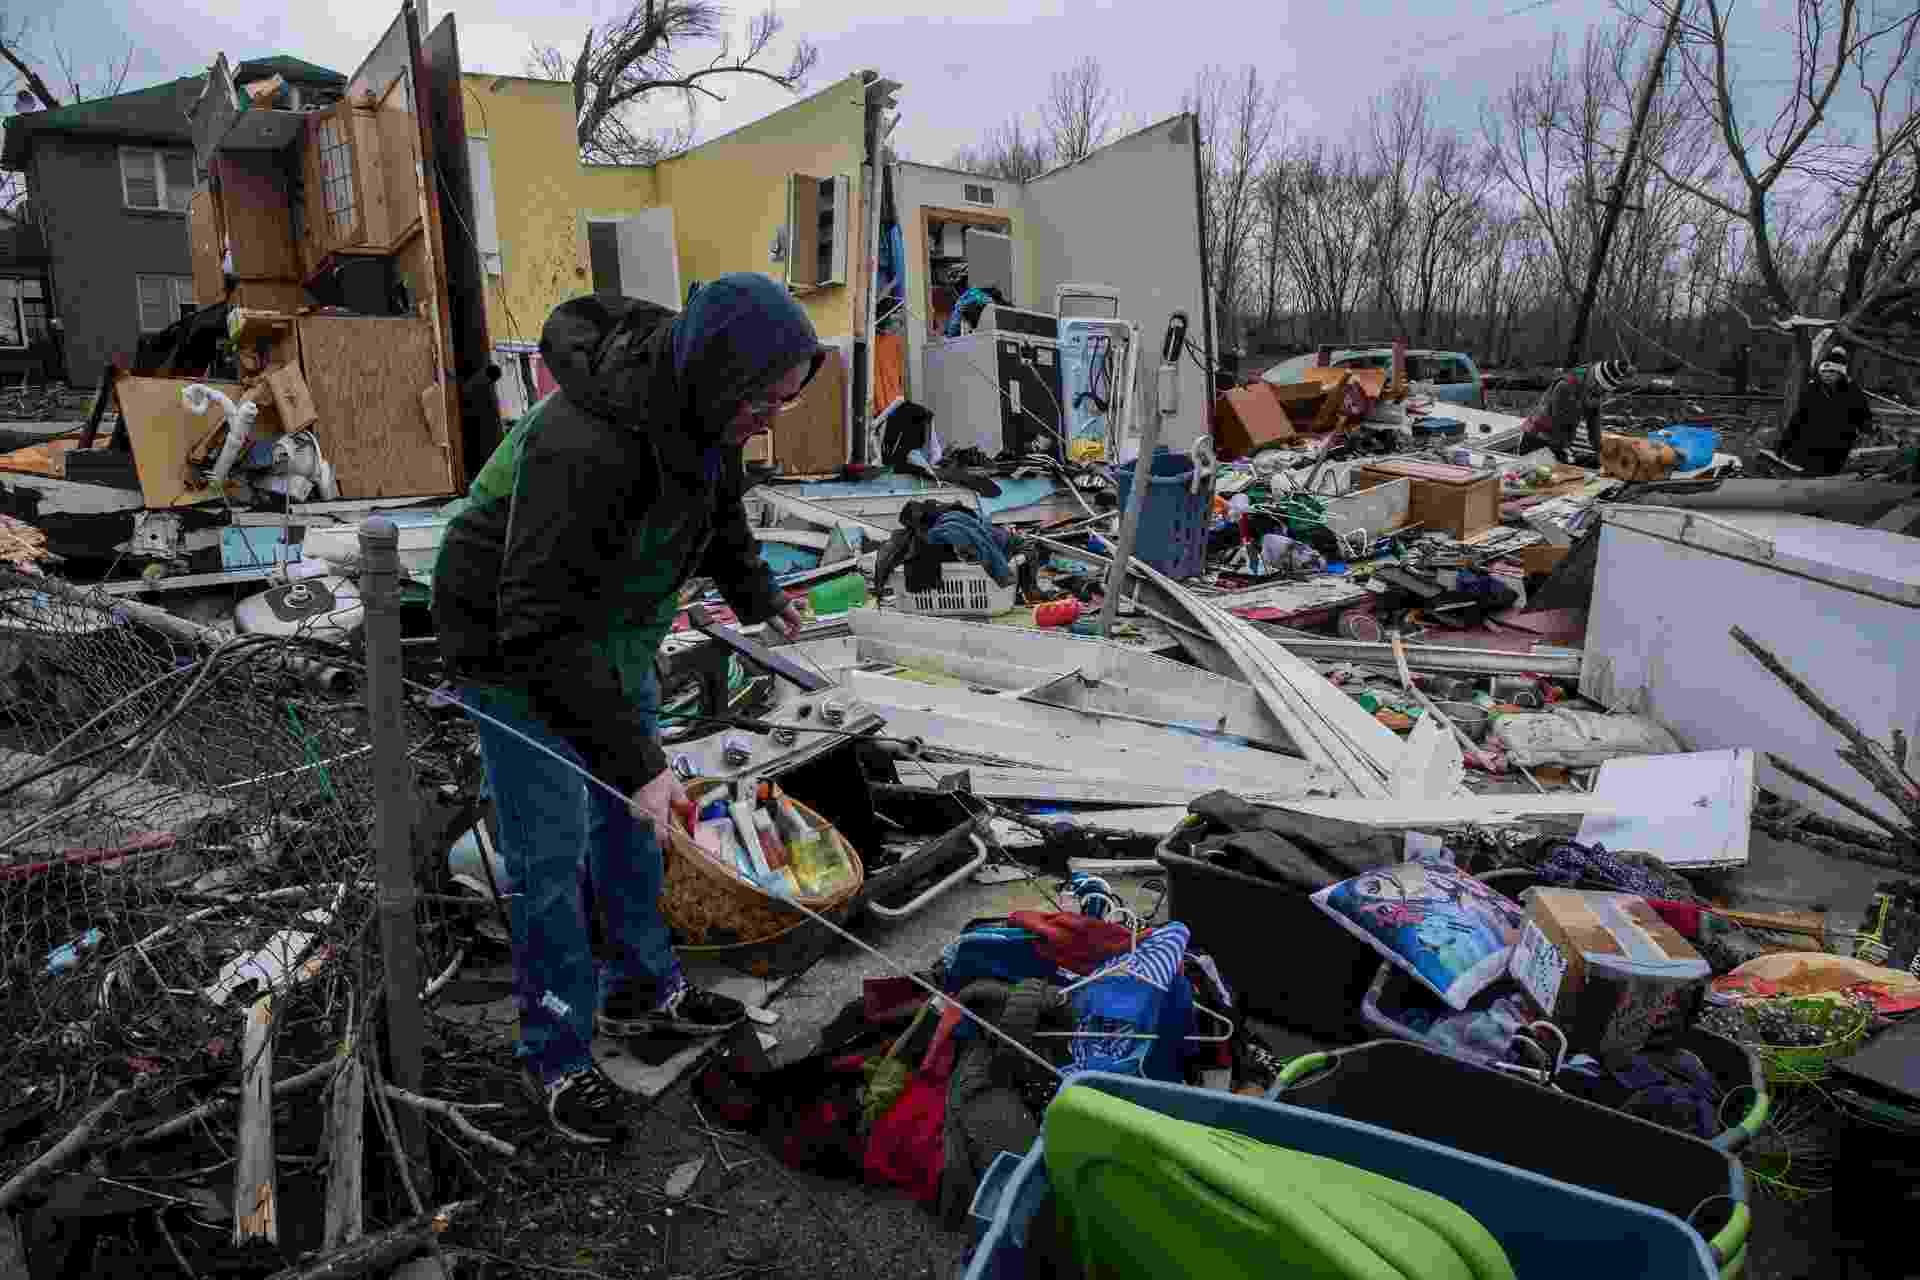 1.mar.2017 - Pessoas buscam pertences entre escombros após passagem de tornado em Naplate, no Estado de Illinois - undefined